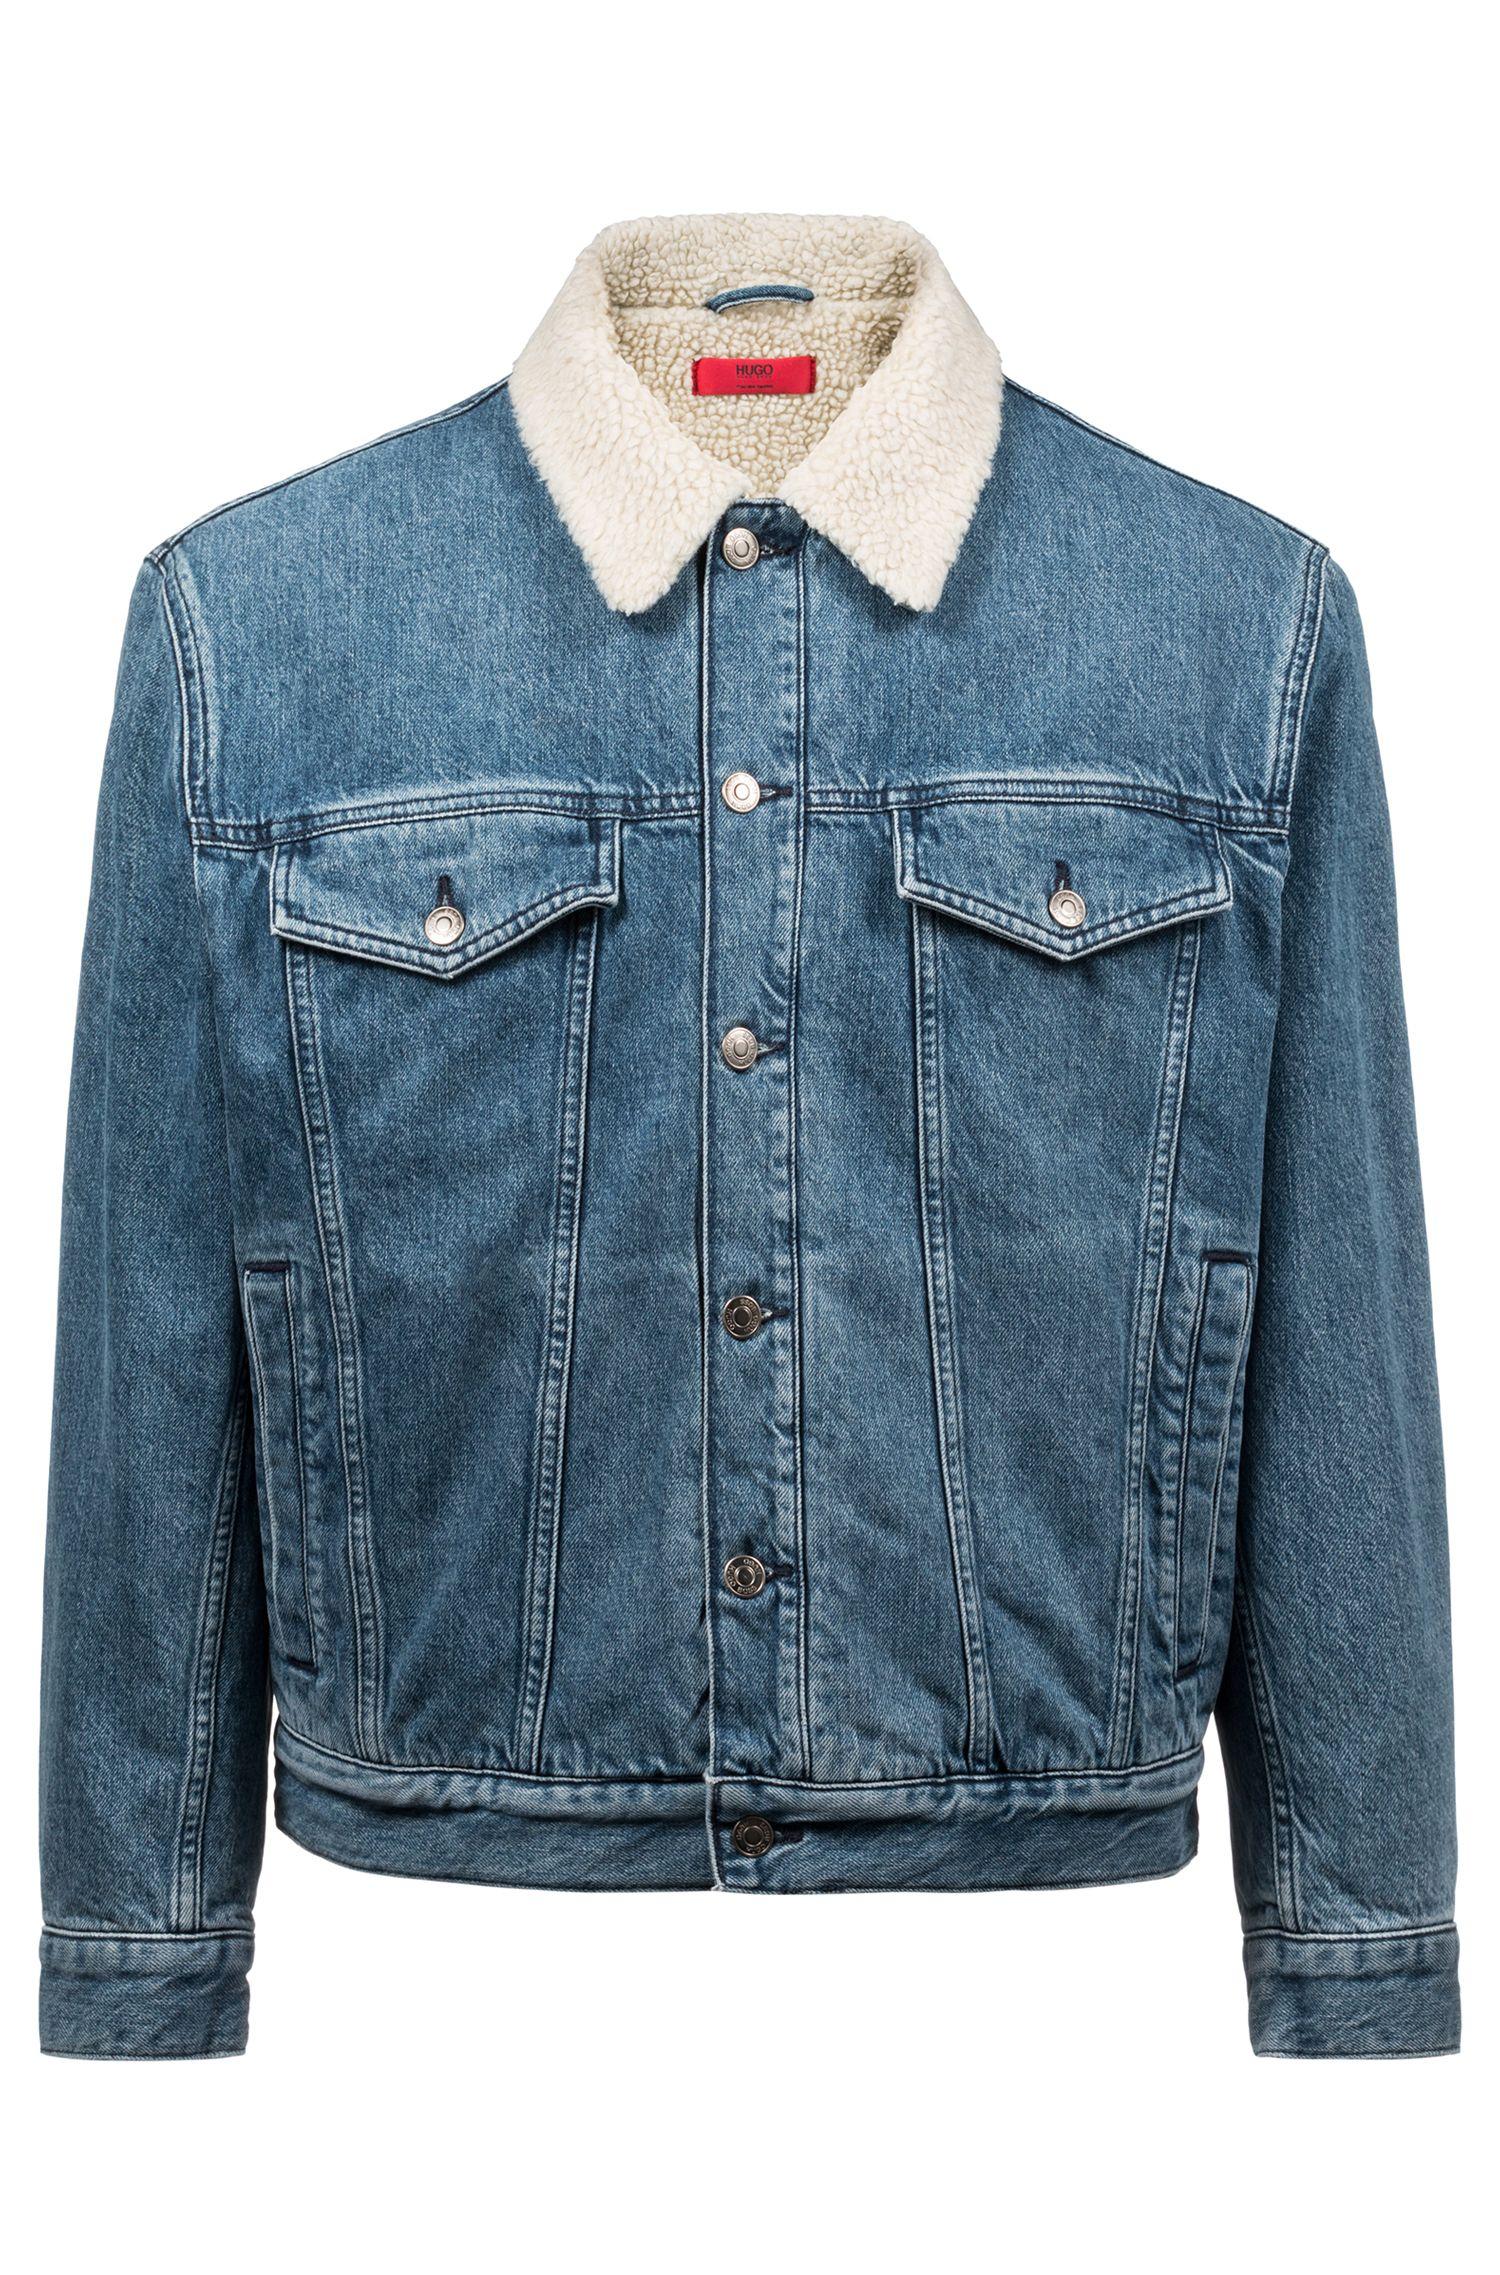 Unisex-Jeansjacke aus italienischem Denim mit Fleece-Kragen, Blau